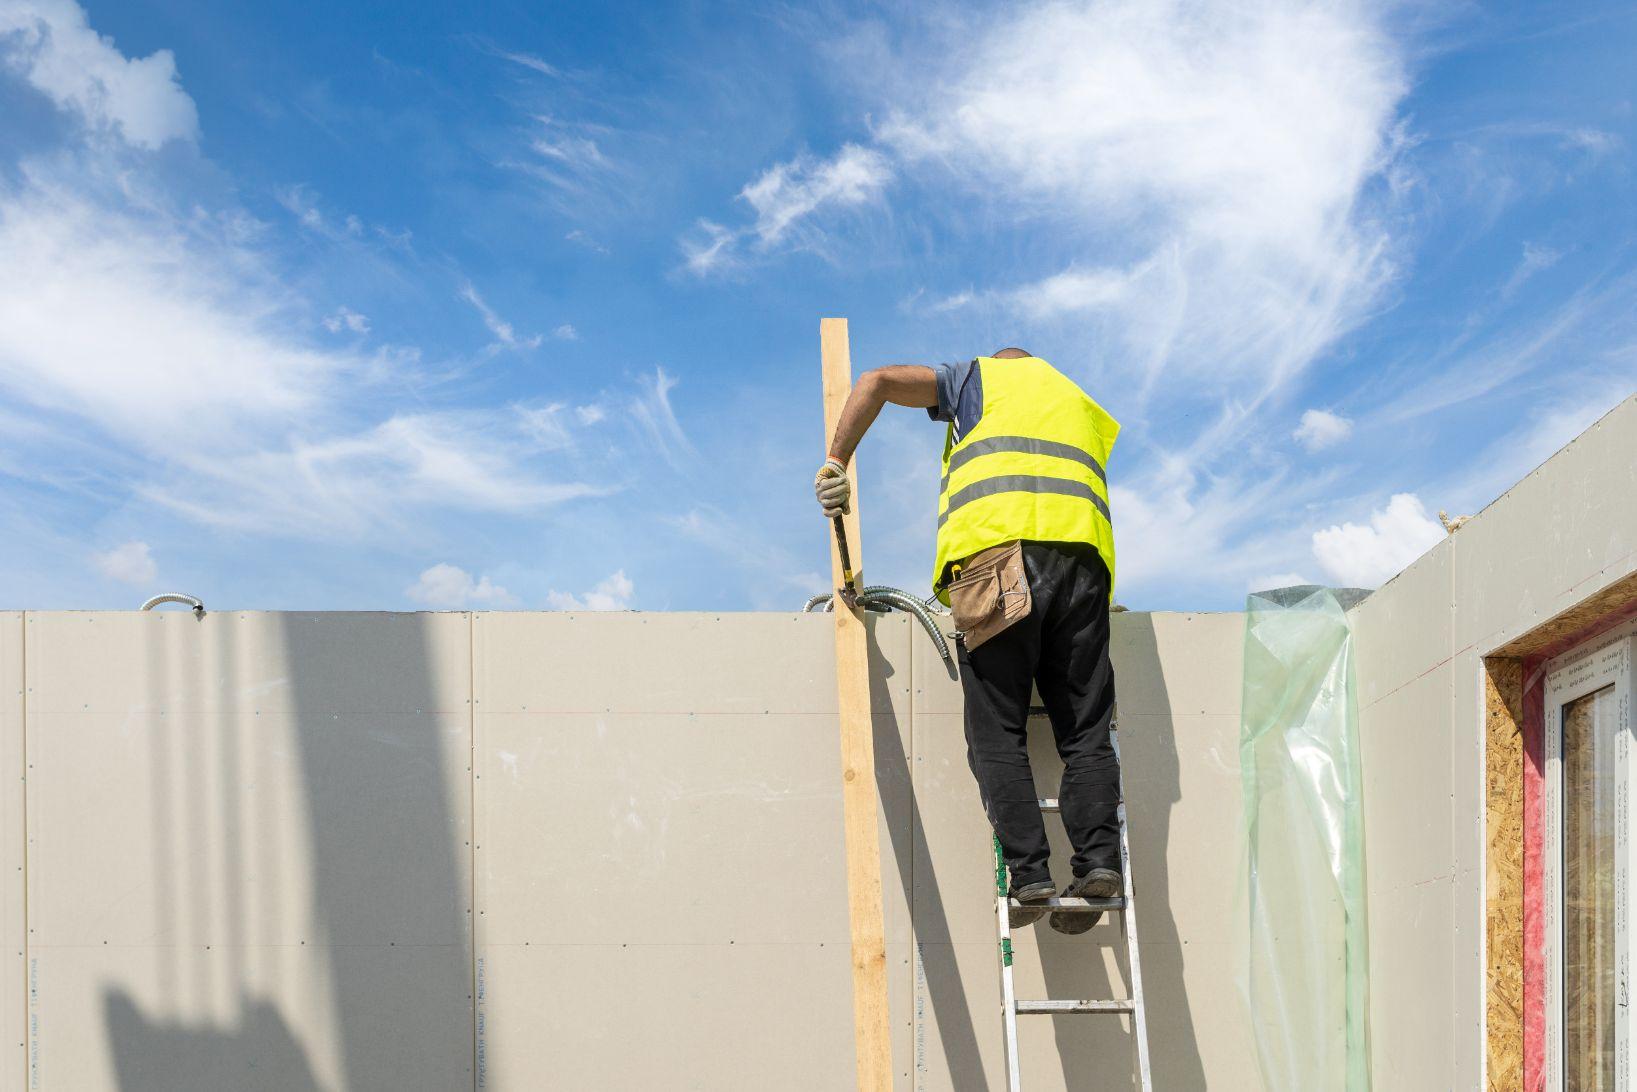 Trabajador usando martillo en una escalera en obra de construcción.